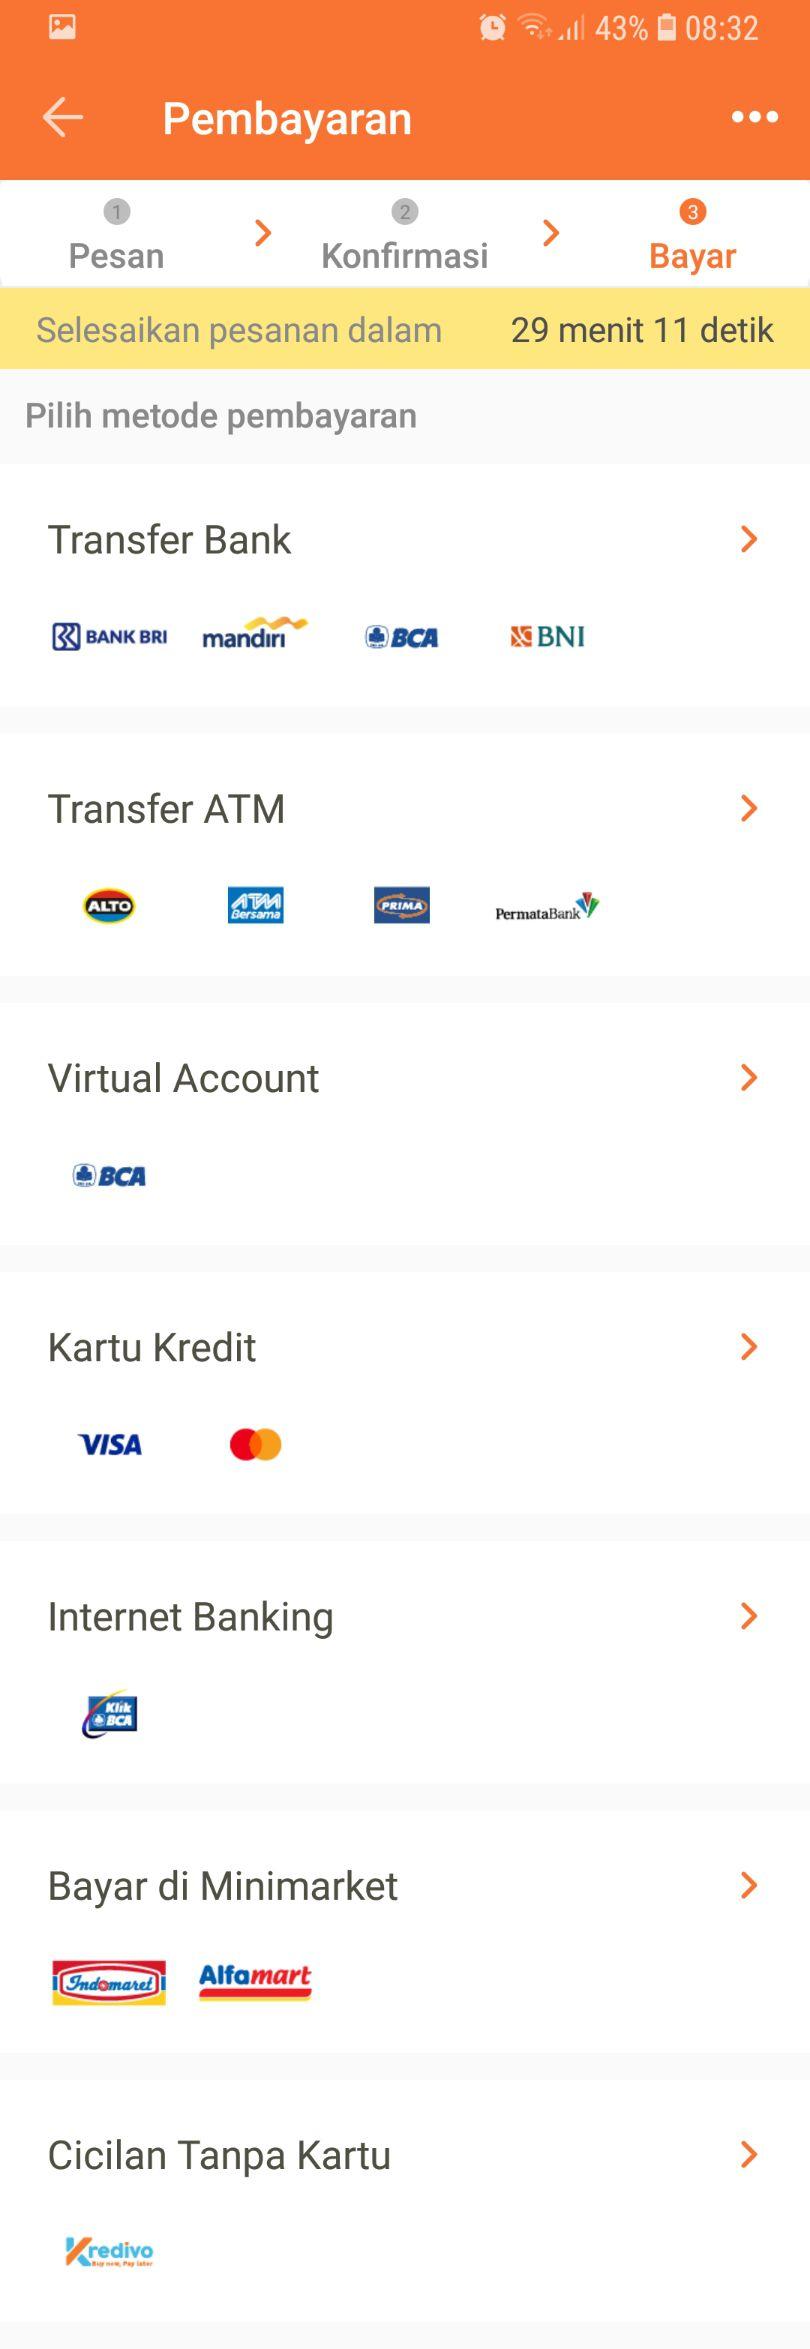 6 - Pilih metode pembayaran sesuai yang kamu inginkan